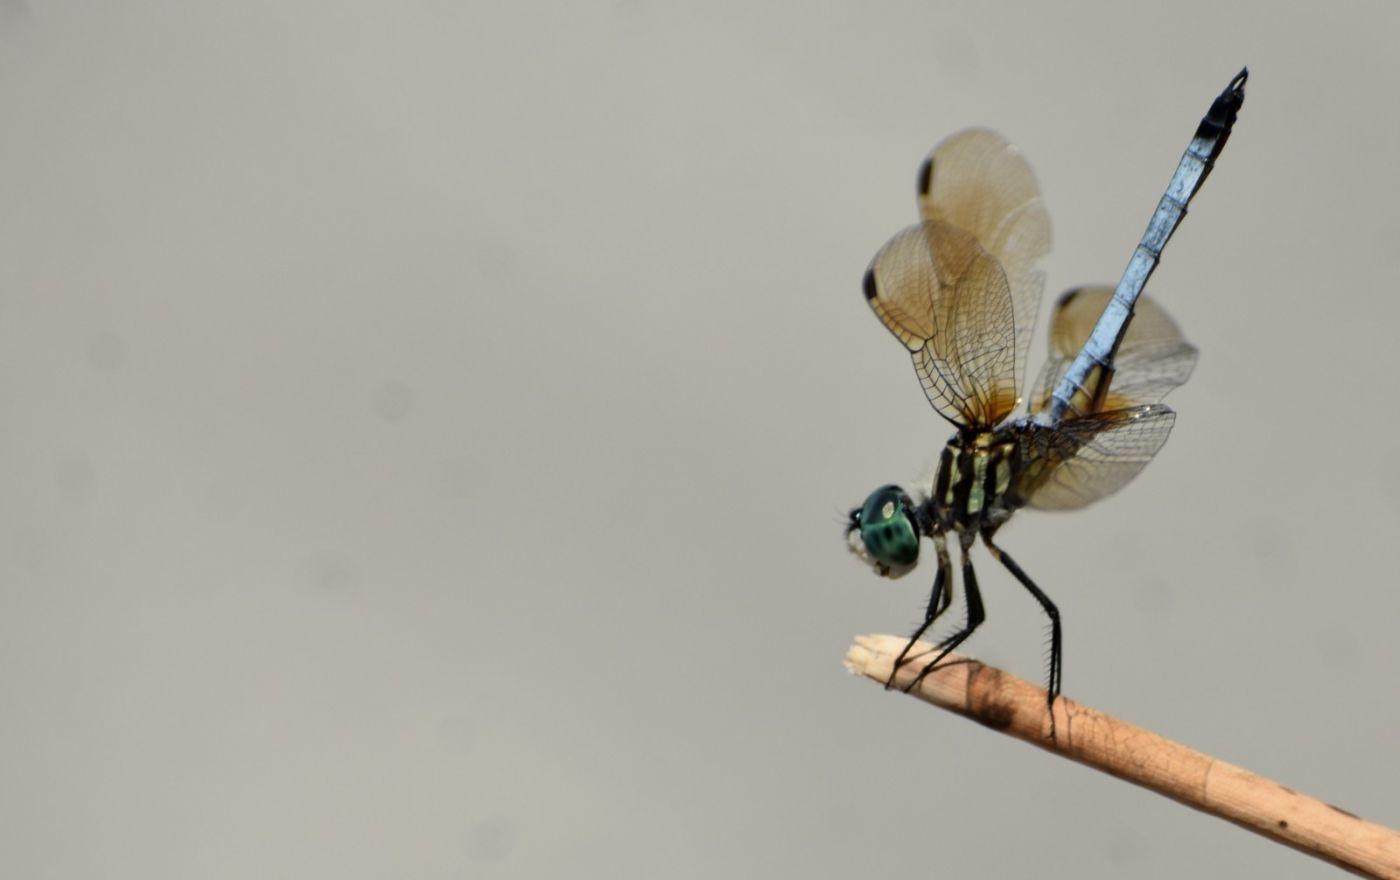 轻盈秀丽的蜻蜓_图1-9